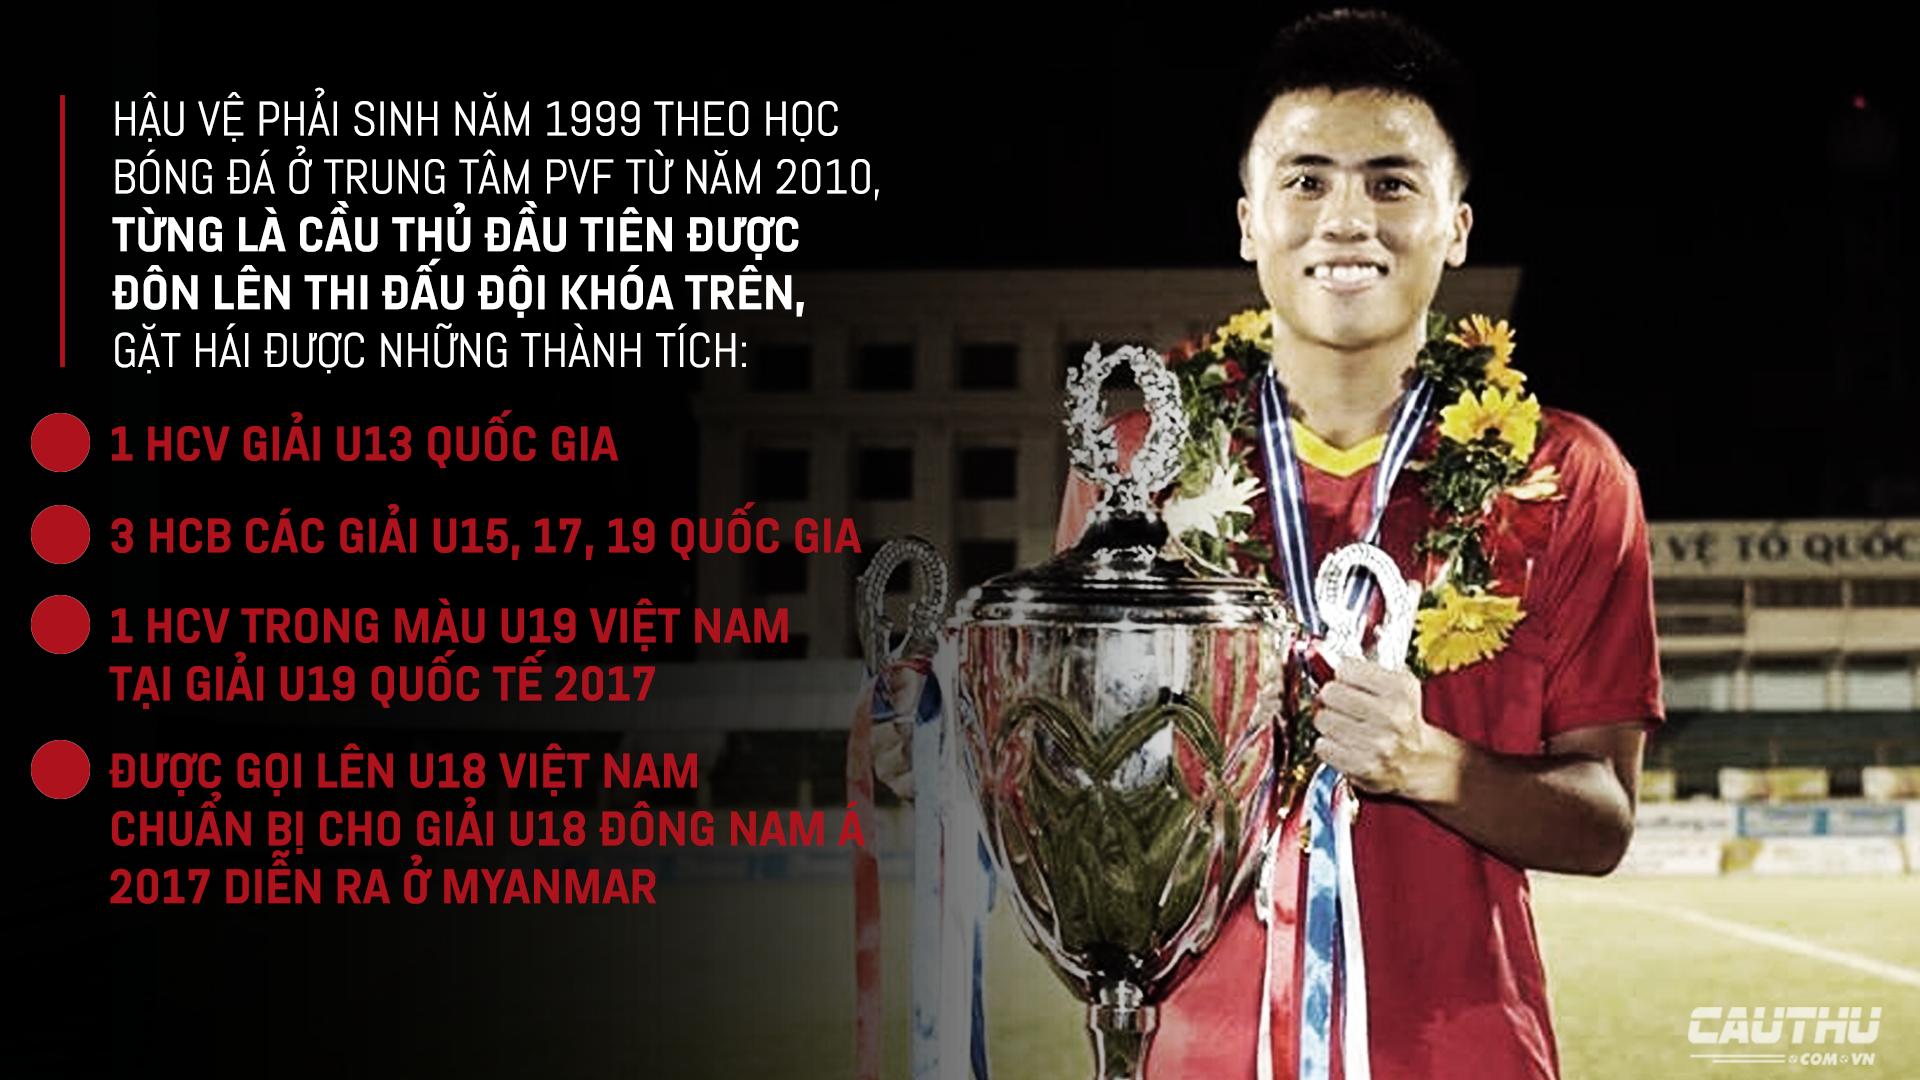 """Tuyển thủ U18 Việt Nam Phan Bá Hoàng: Mẹ, bóng đá & nước mắt của Hoàng """"shipper"""" - Ảnh 8."""